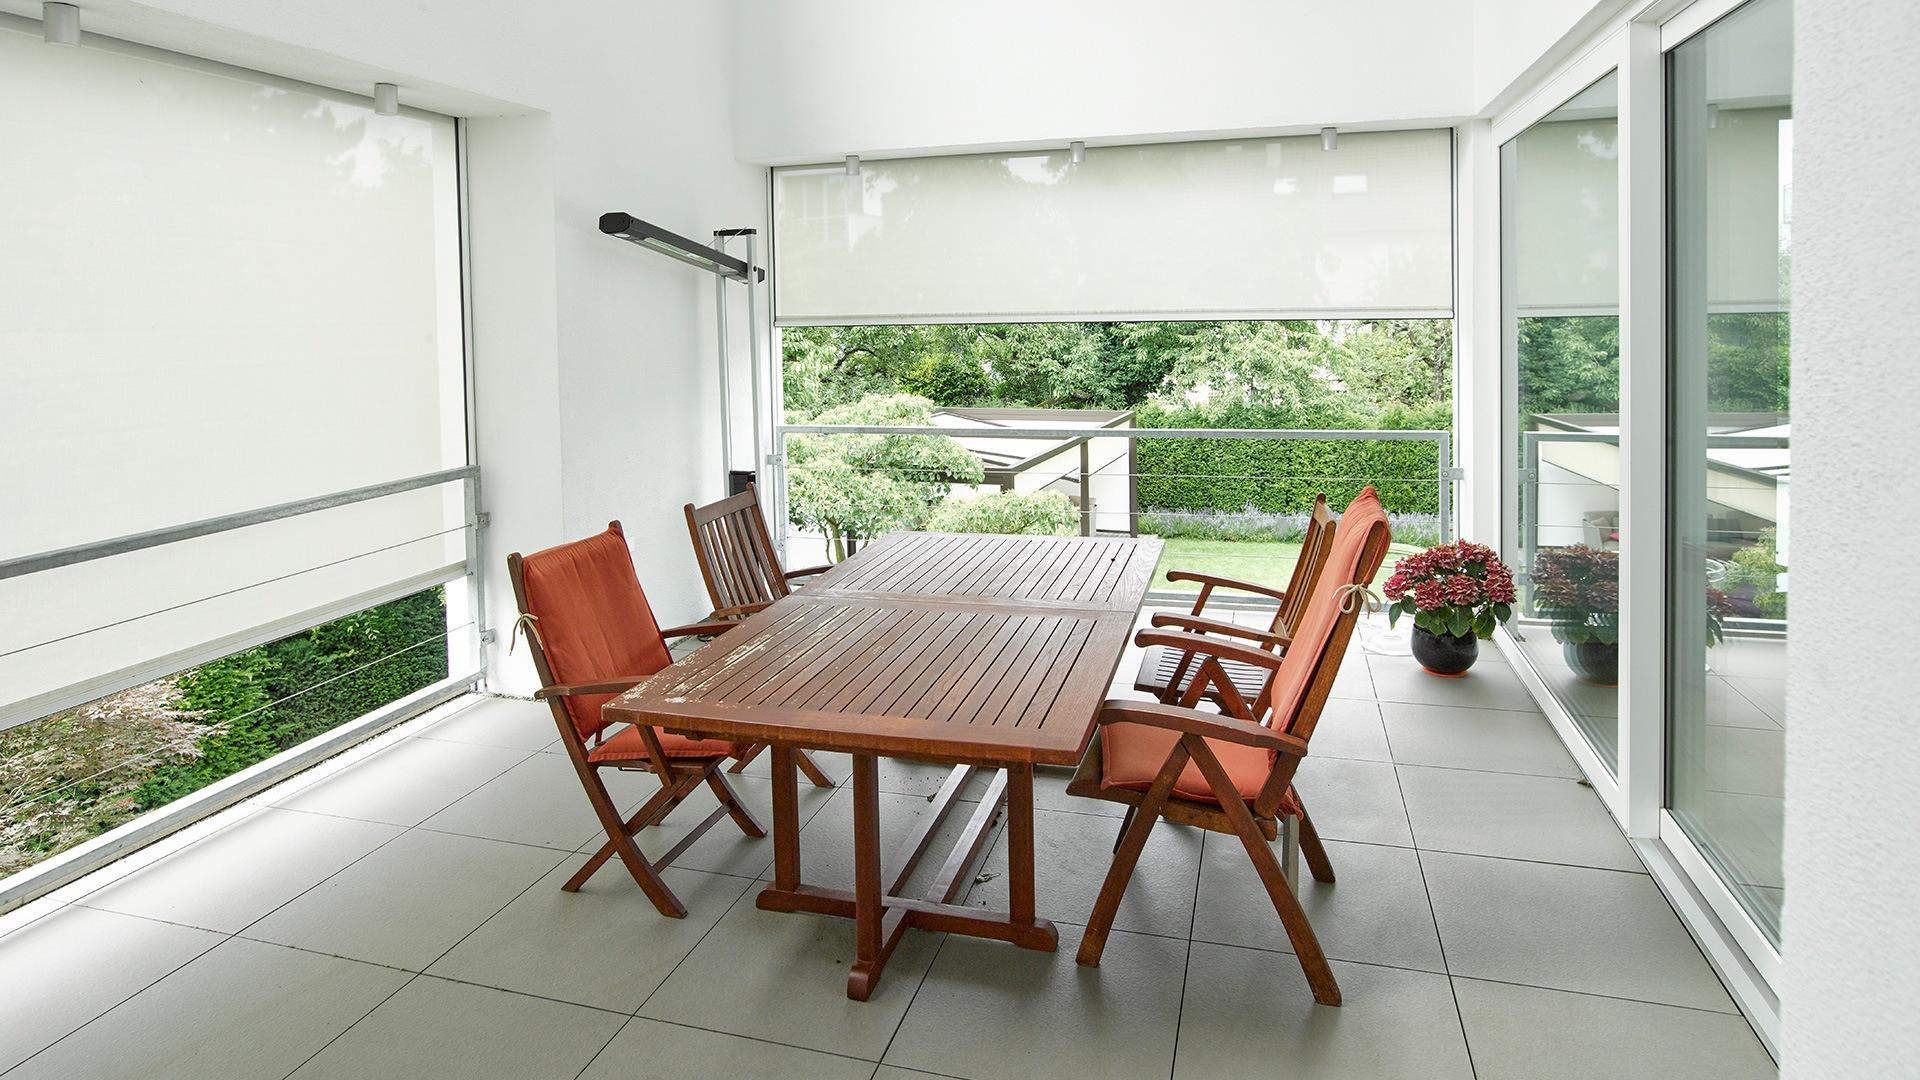 zanker textilscreen 01 - Sonnenschutz für Fenster und Fassade